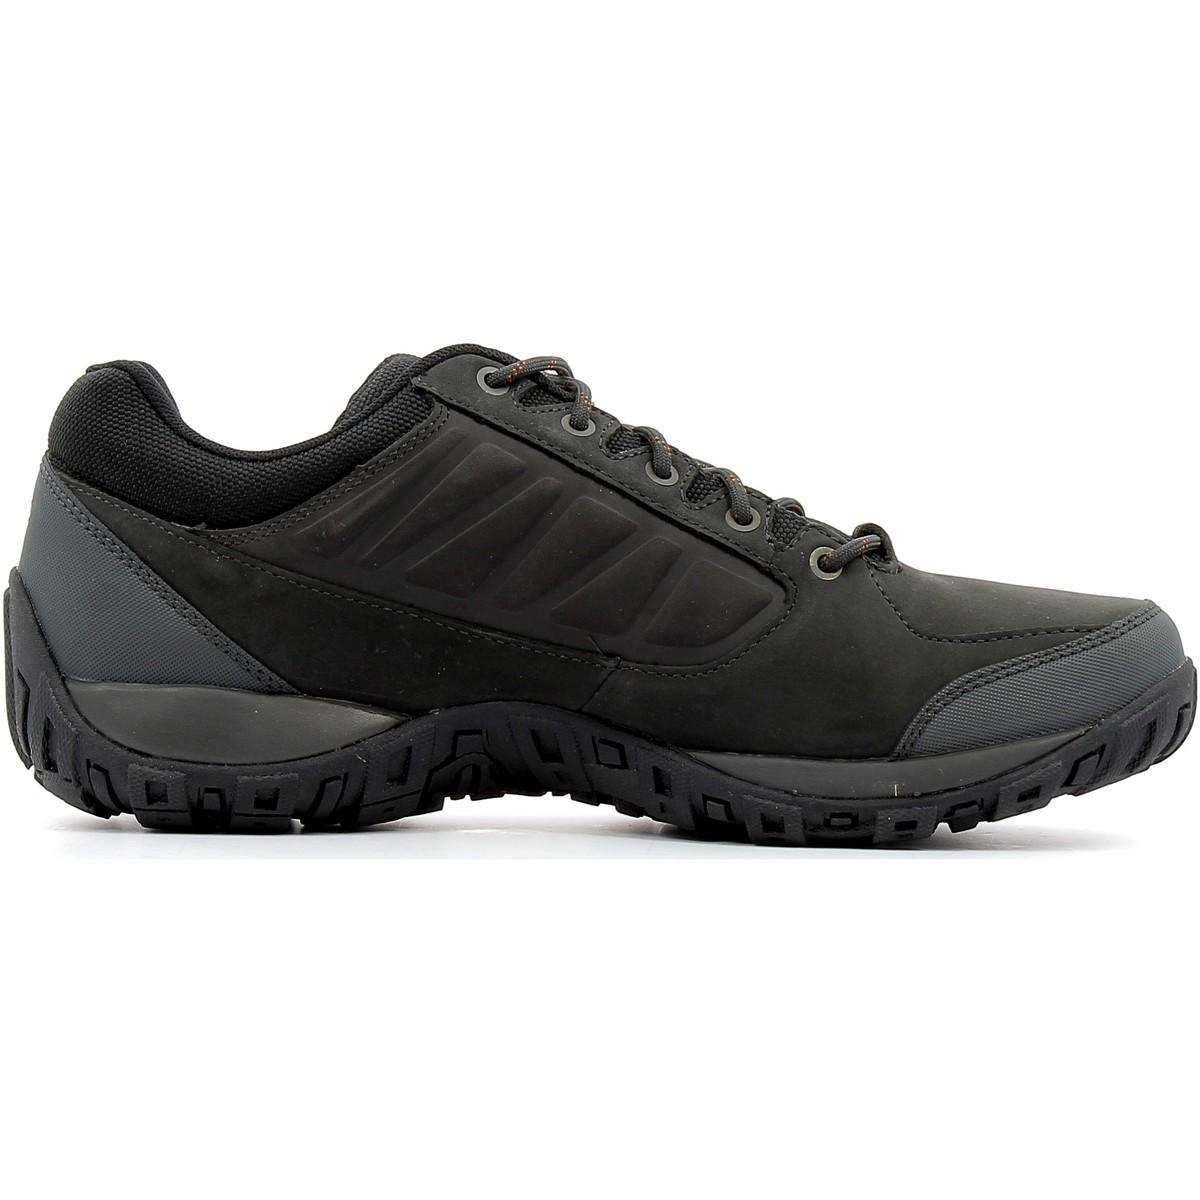 Columbia Lage Sneakers Ruckel Ridge Plus Waterproof in het Zwart voor heren